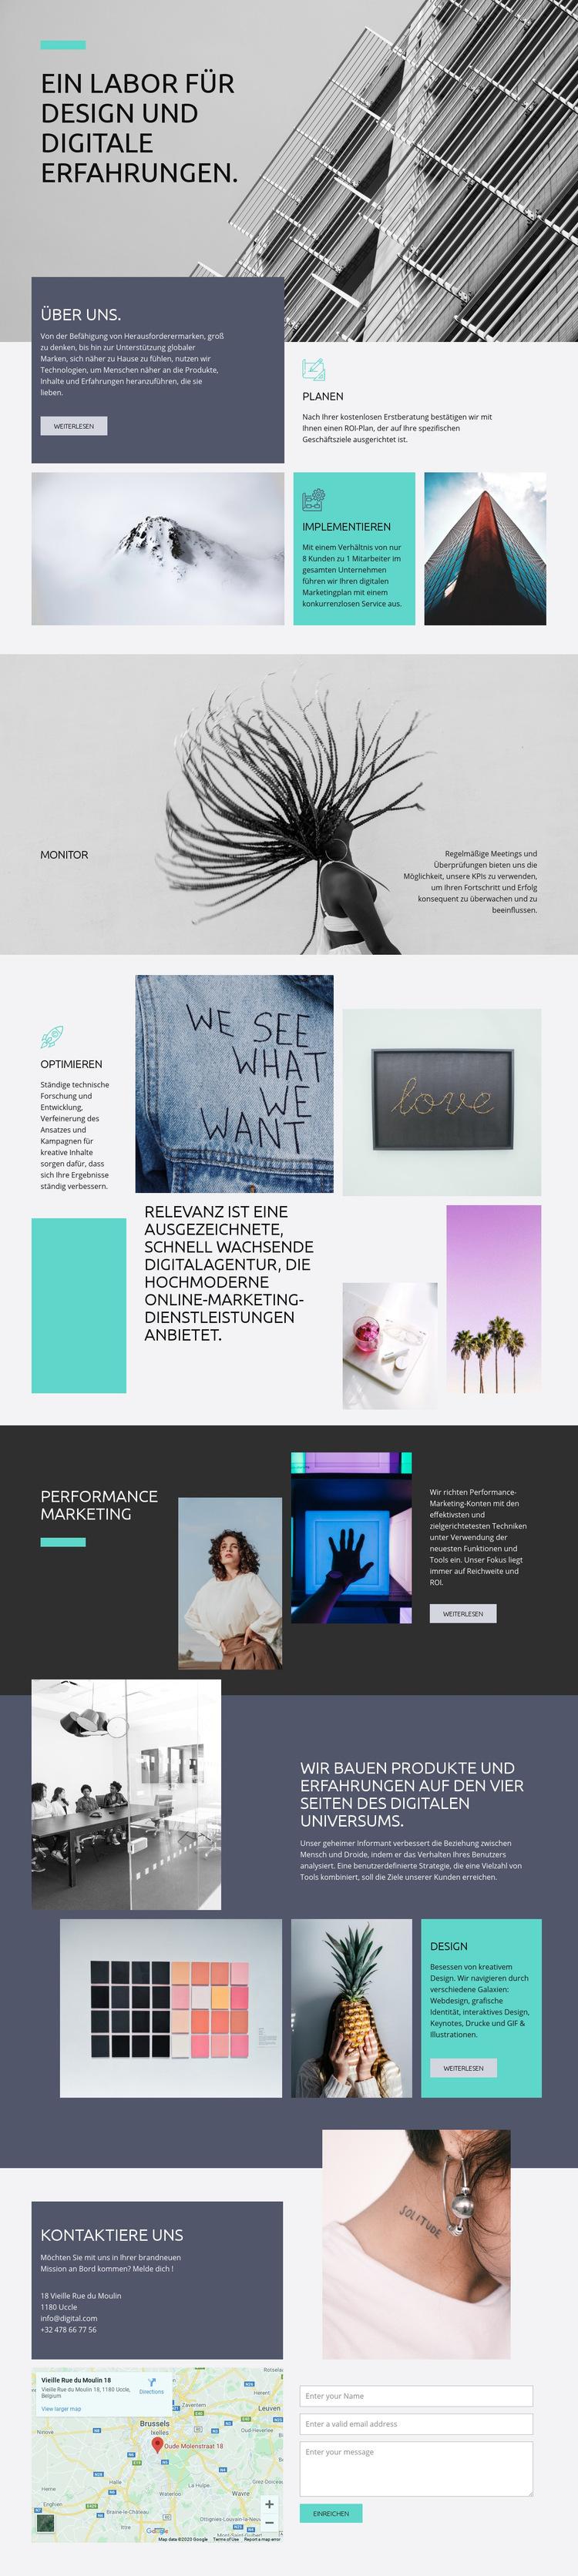 Kreativlabor für digitale Kunst Website-Vorlage